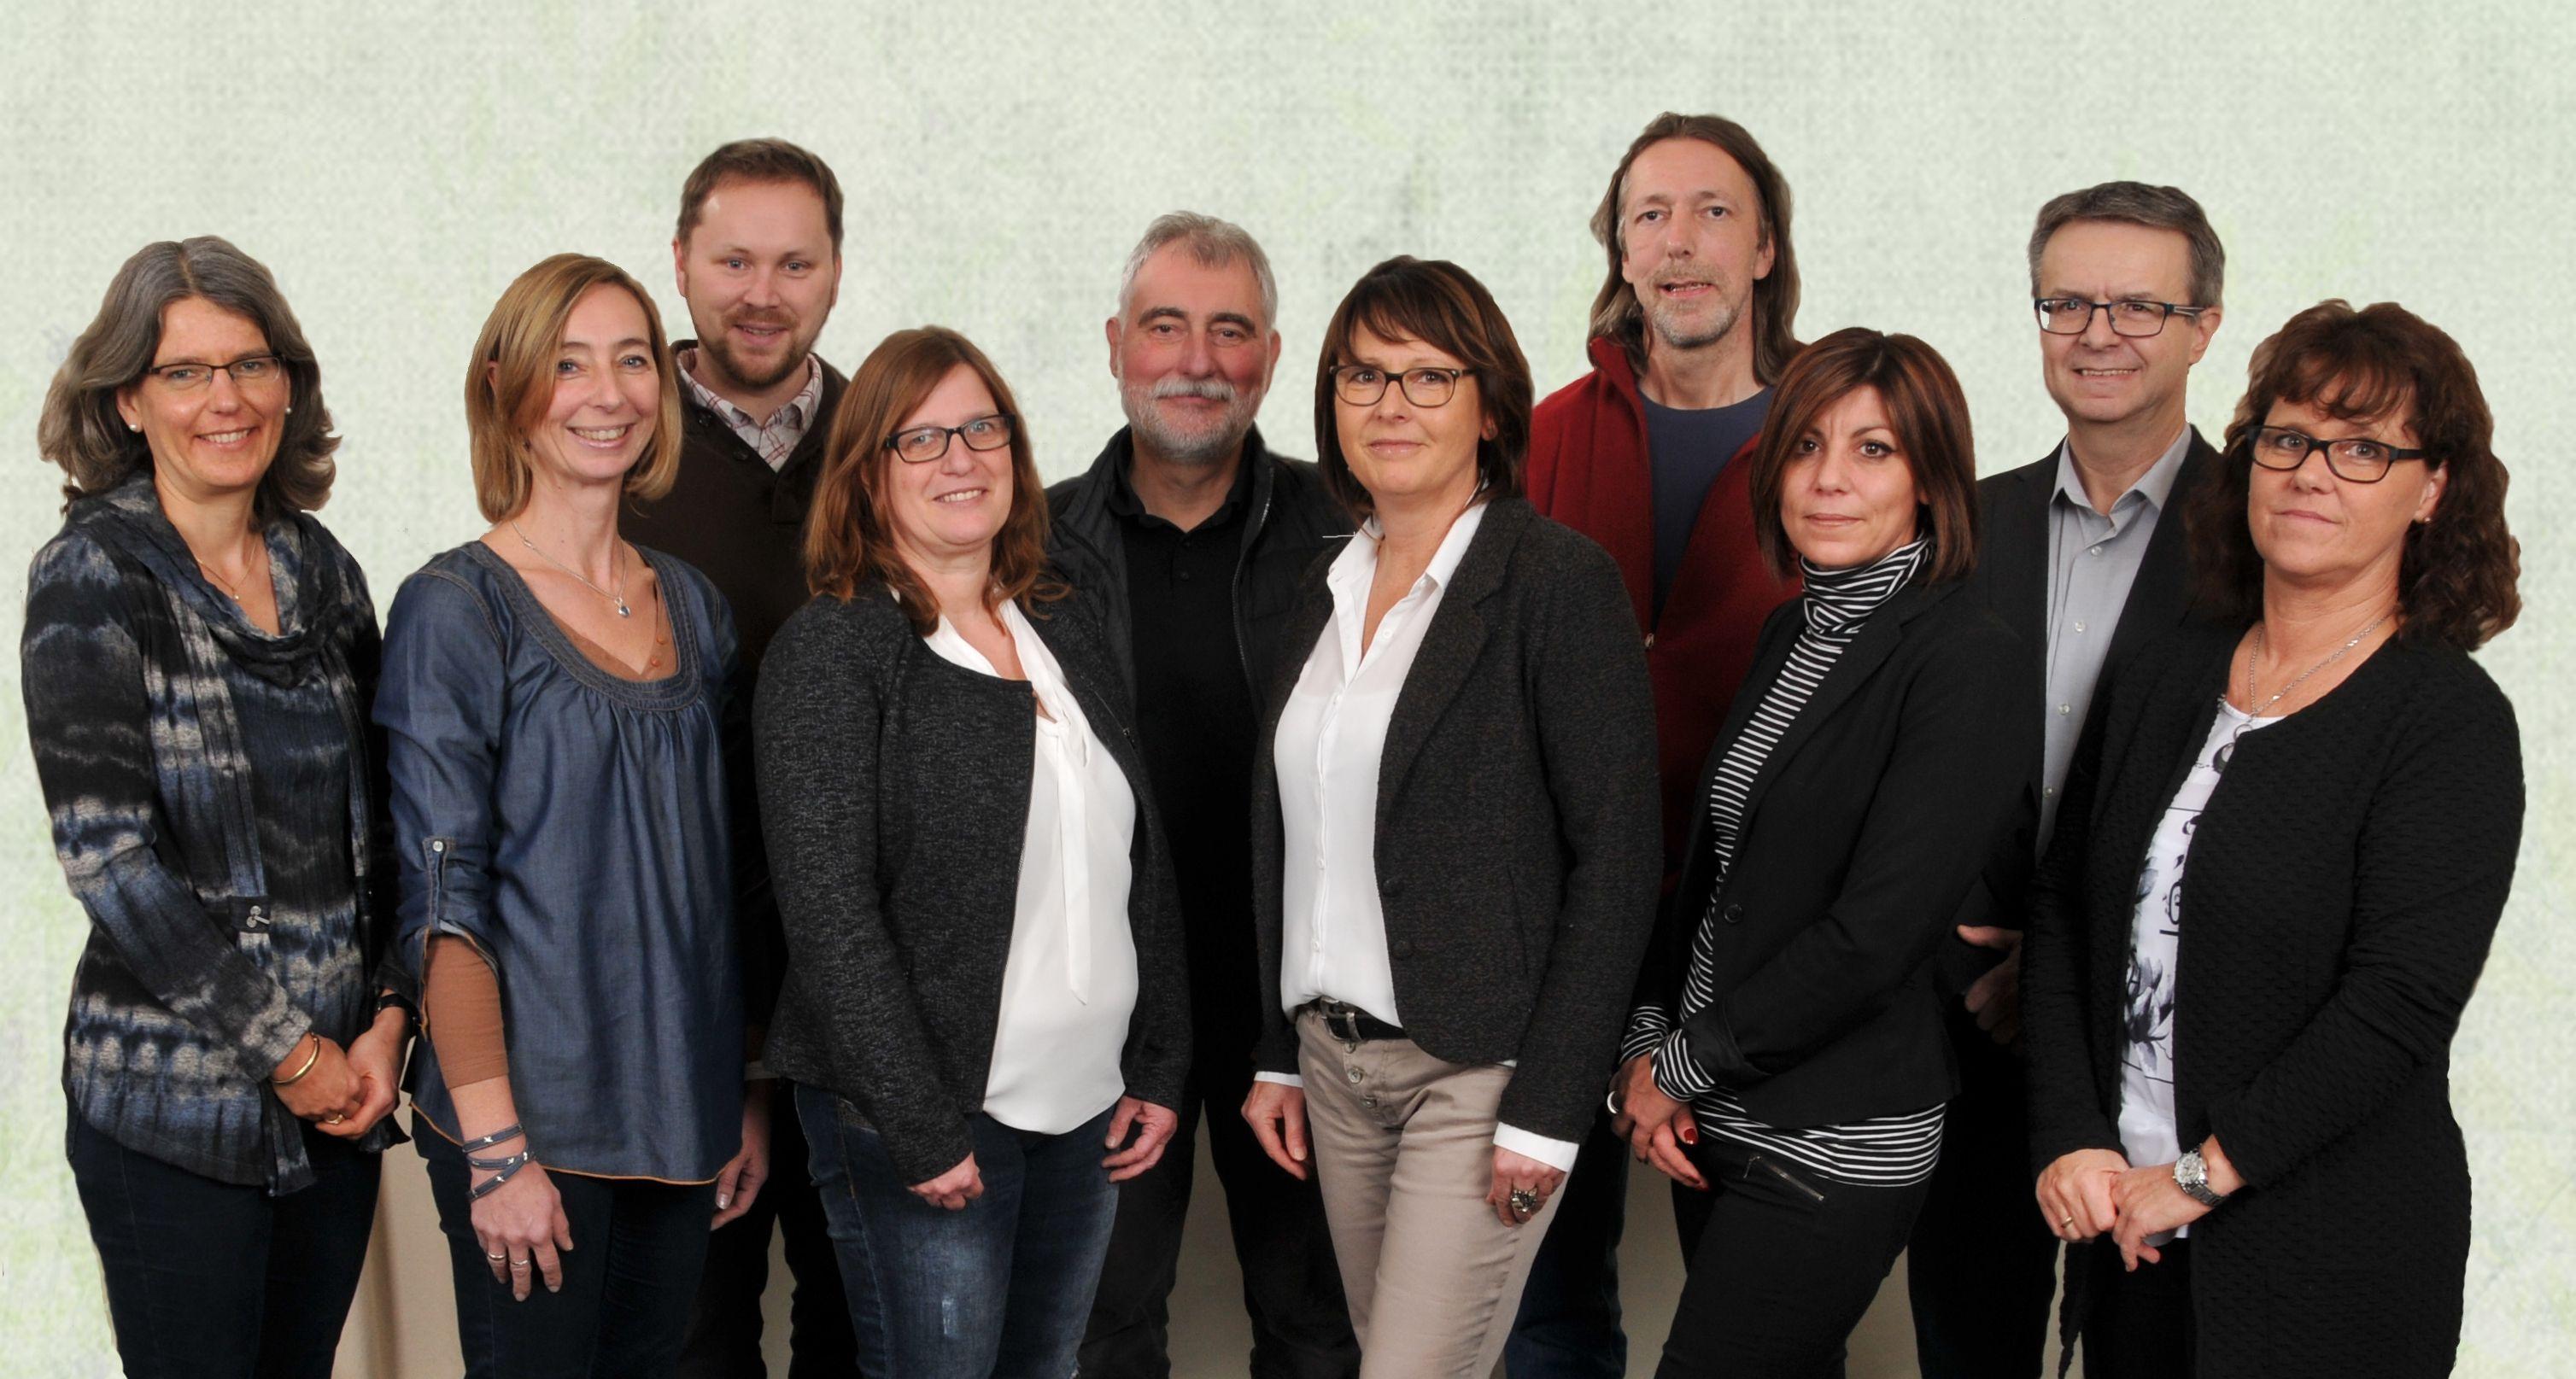 Musterbriefe Der Verbraucherzentrale : Unser team in alsdorf verbraucherzentrale nrw